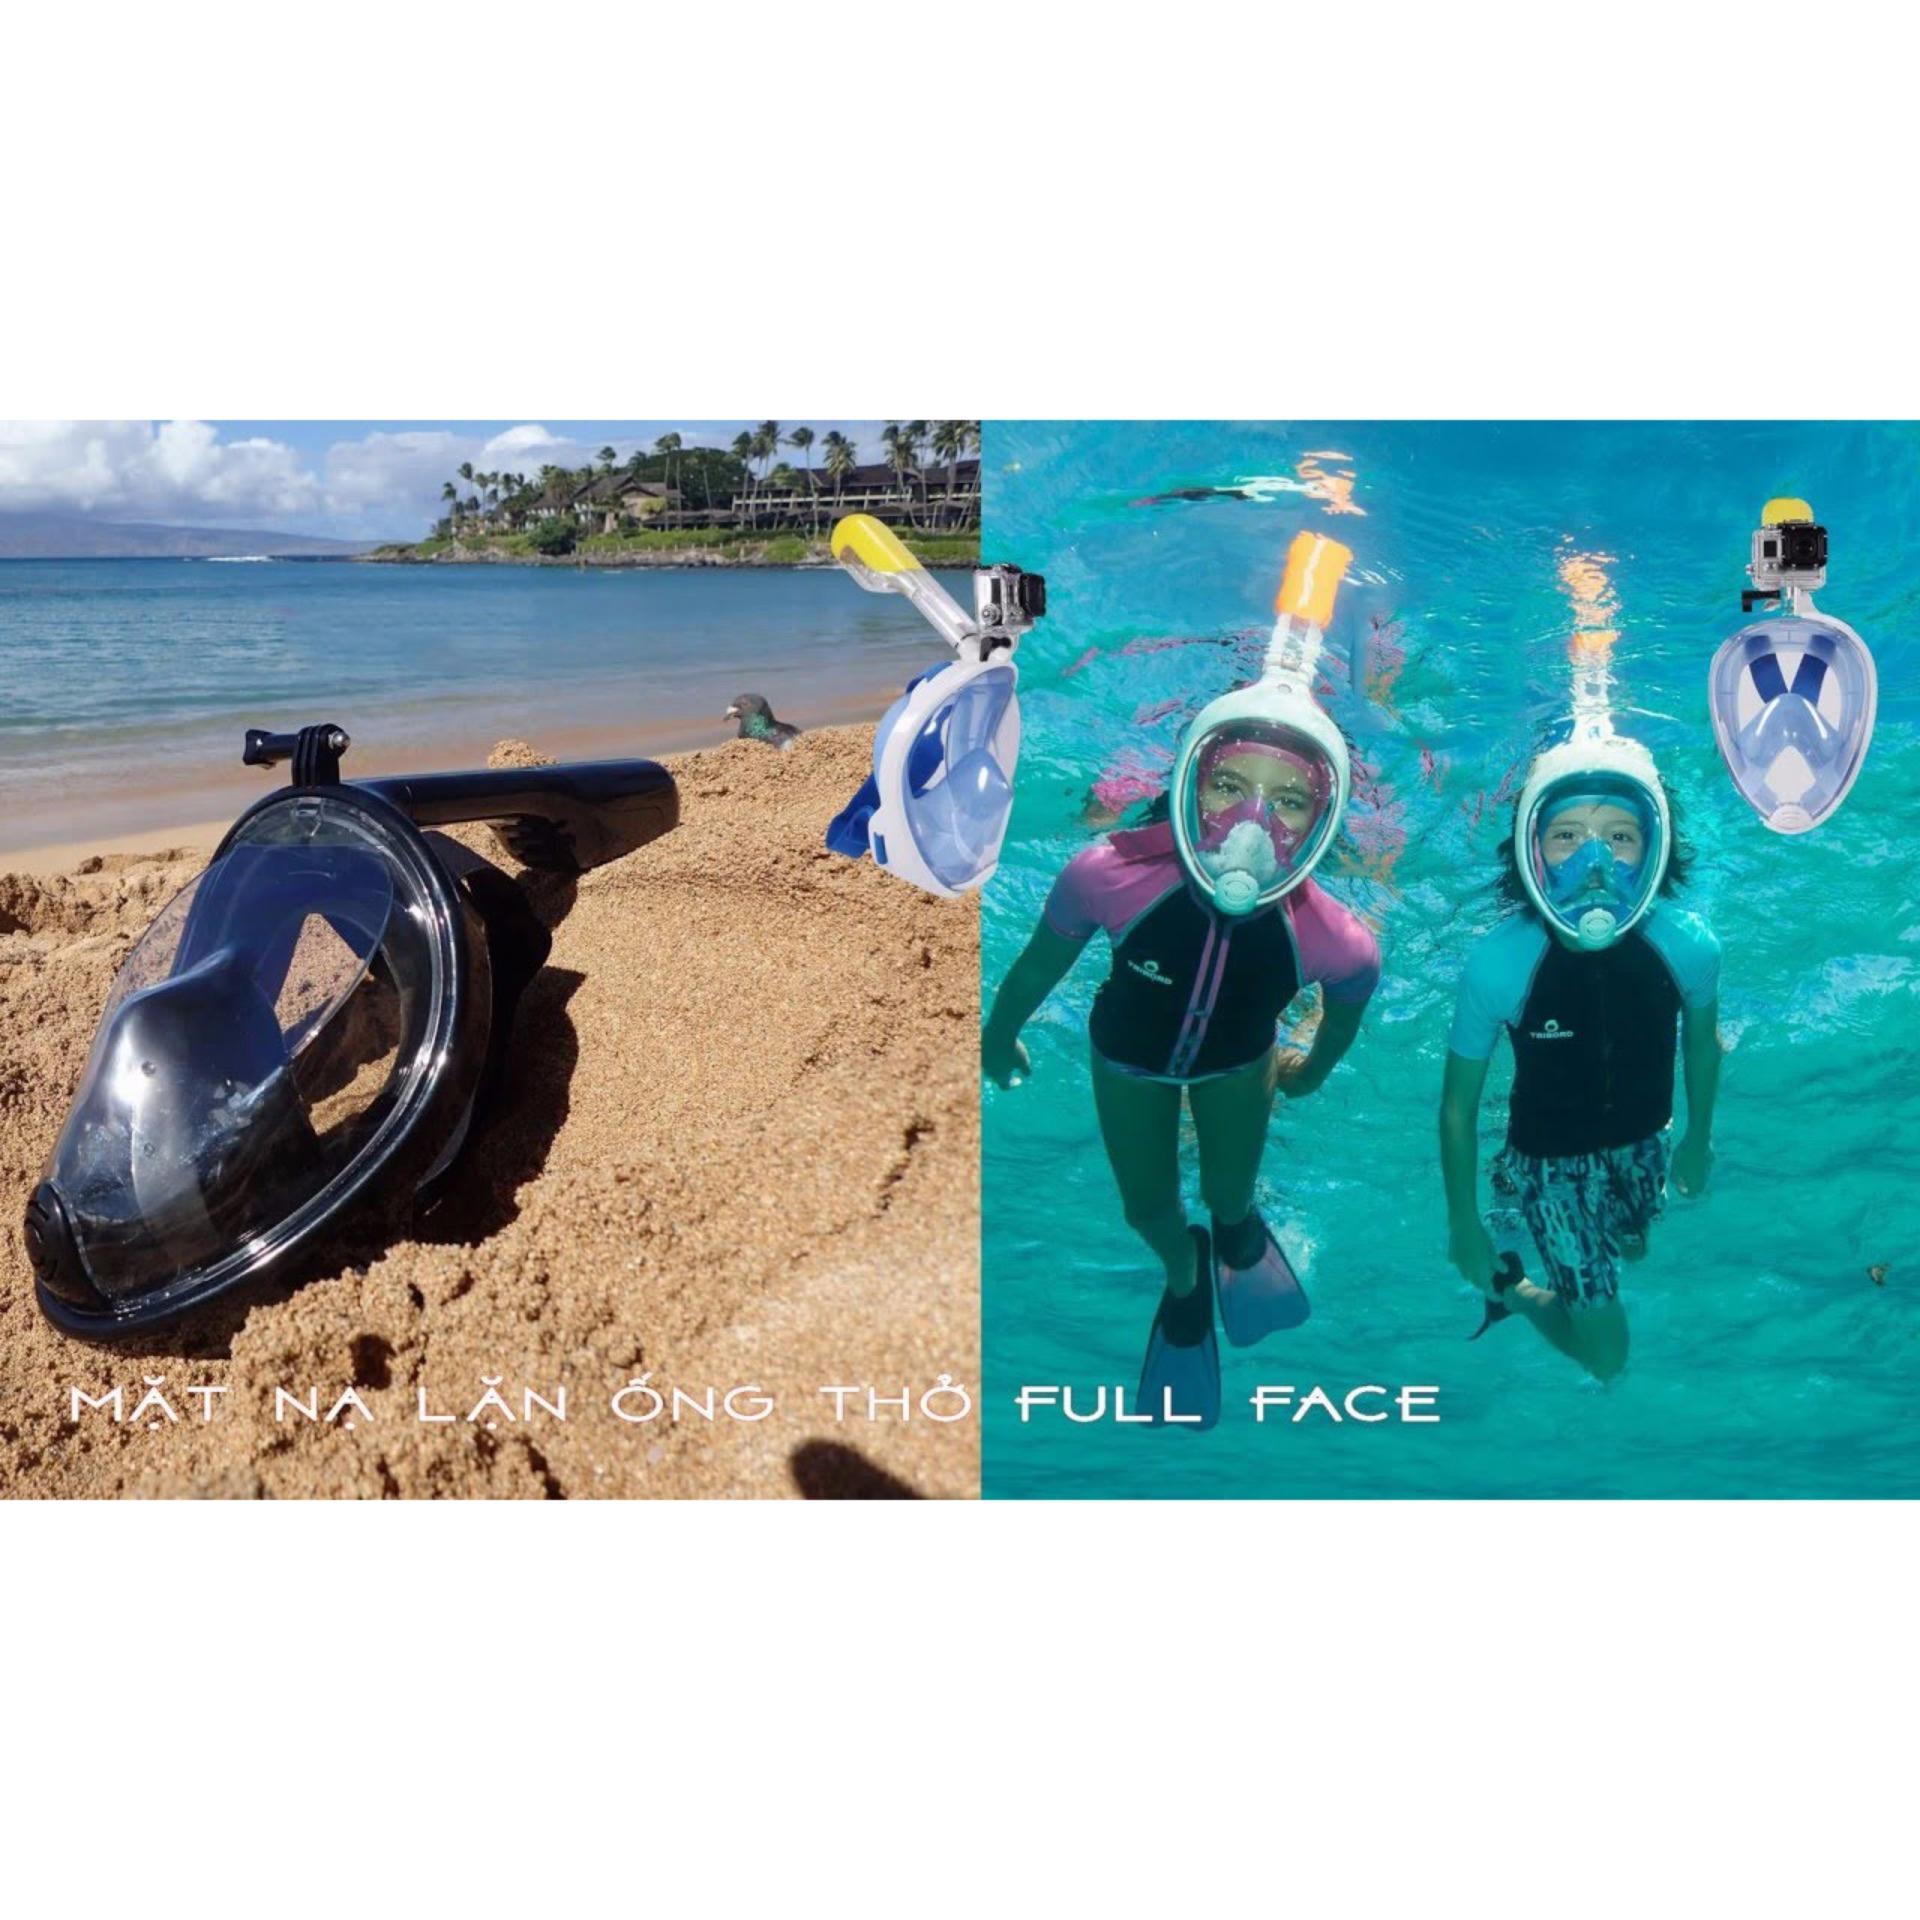 Bán Đồ Bơi Chuyên Nghiệp , Bán Đồ Bơi Đà Nẵng , Bán Đồ Lặn - Dụng Cụ Lặn Chuyên Nghiệp , Cho Hè Năng Động | BH uy tín bởi LittleBee'Store